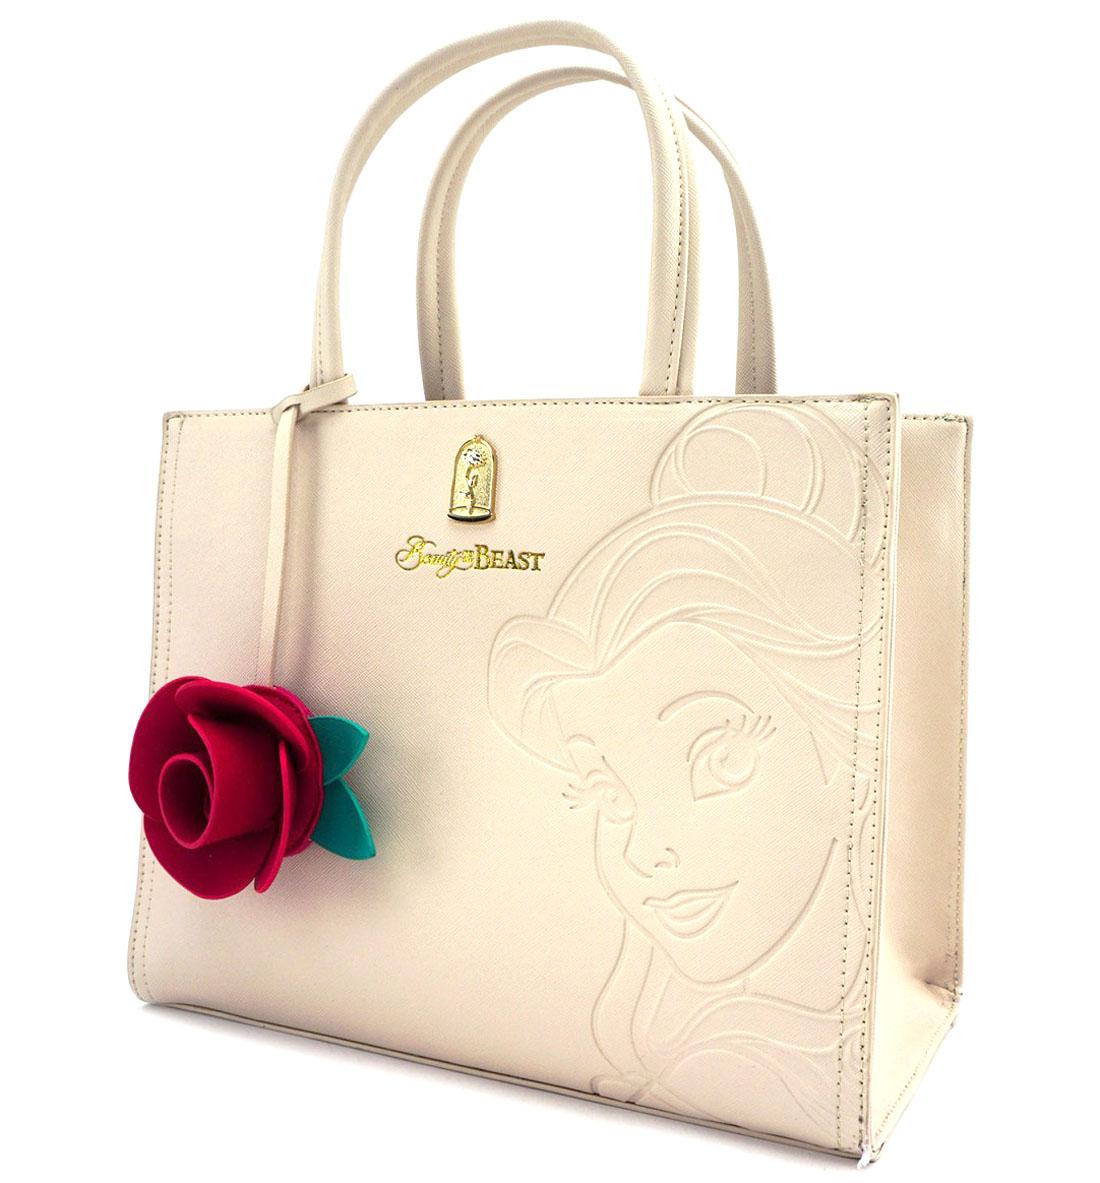 ラウンジフライ(Loungefly)美女と野獣ベル&2Wayショルダーバッグ/ハンドバッグ/Disney Belle Embossed Tote Bag【正規品】【あす楽対応_関東】02P28Sep16【あす楽_土曜営業】【送料無料】【Disneyzone】